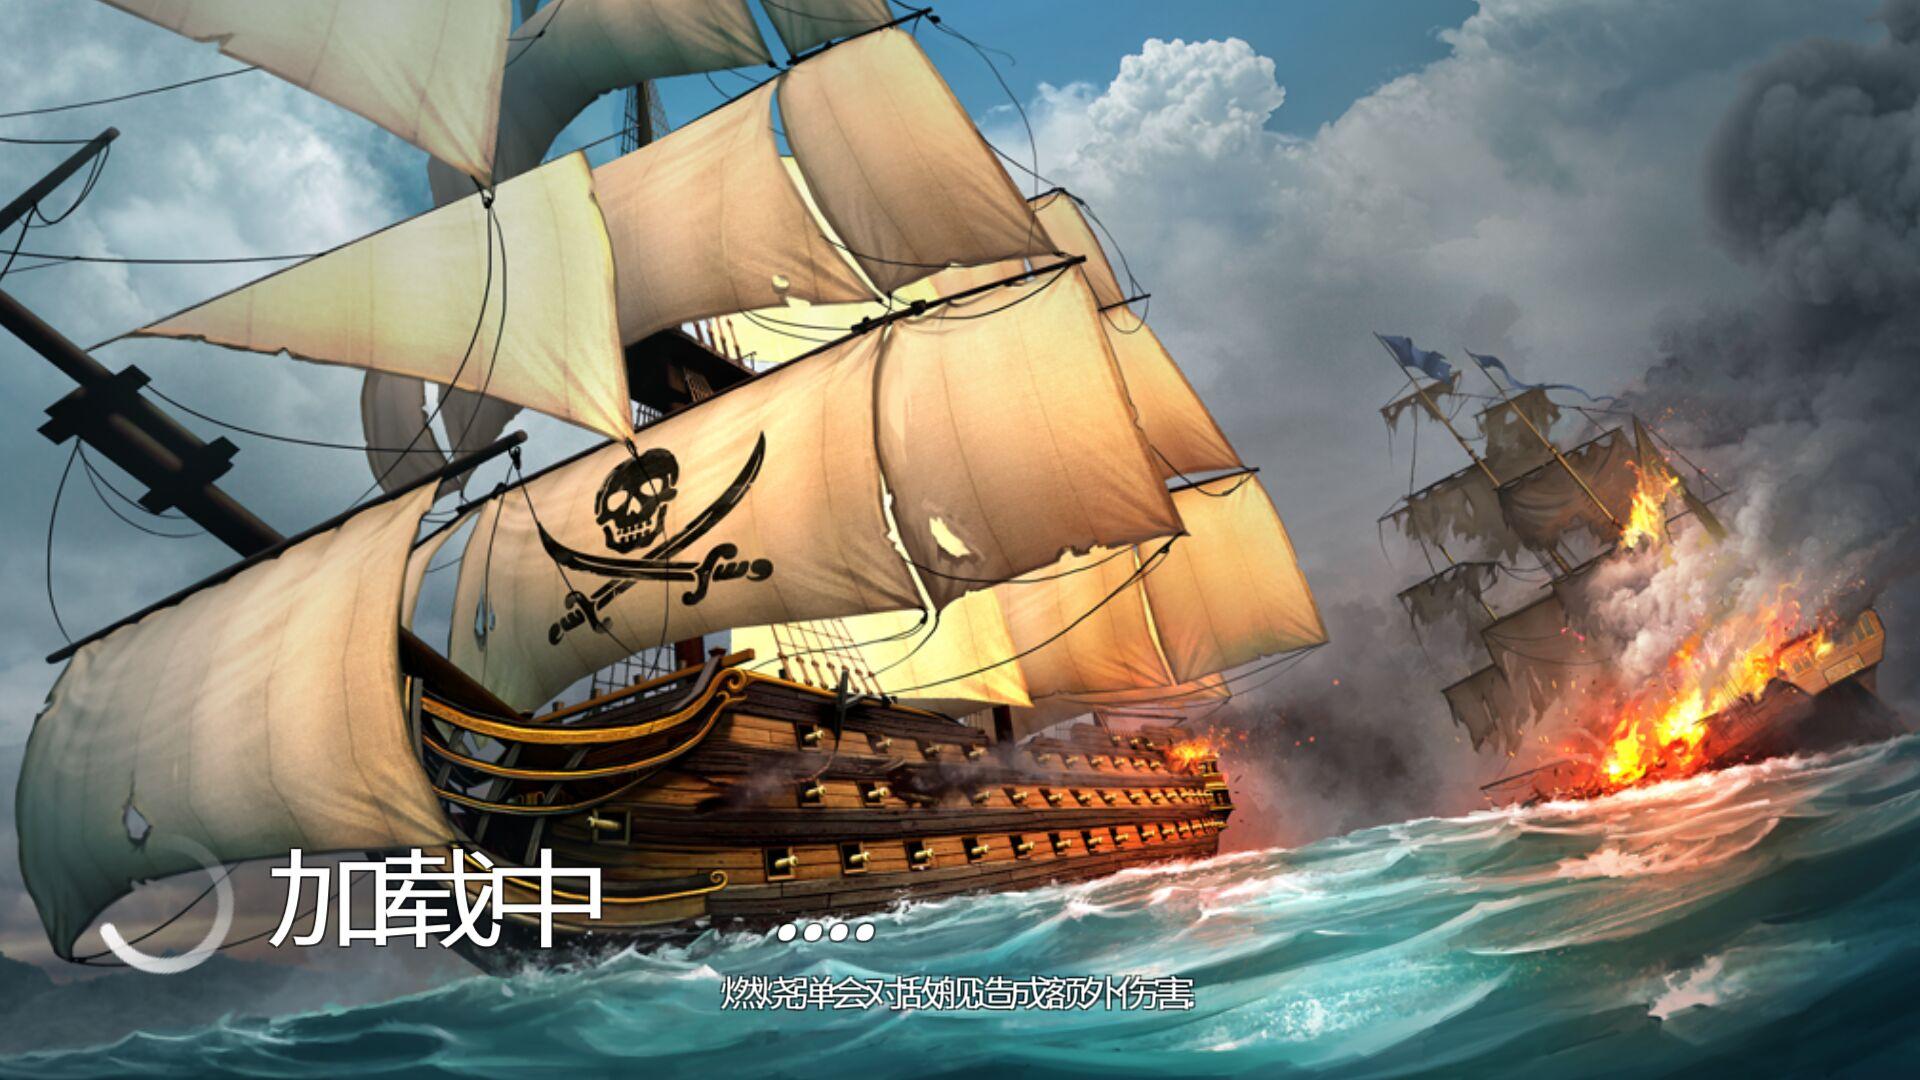 海盗战斗:时代的船只